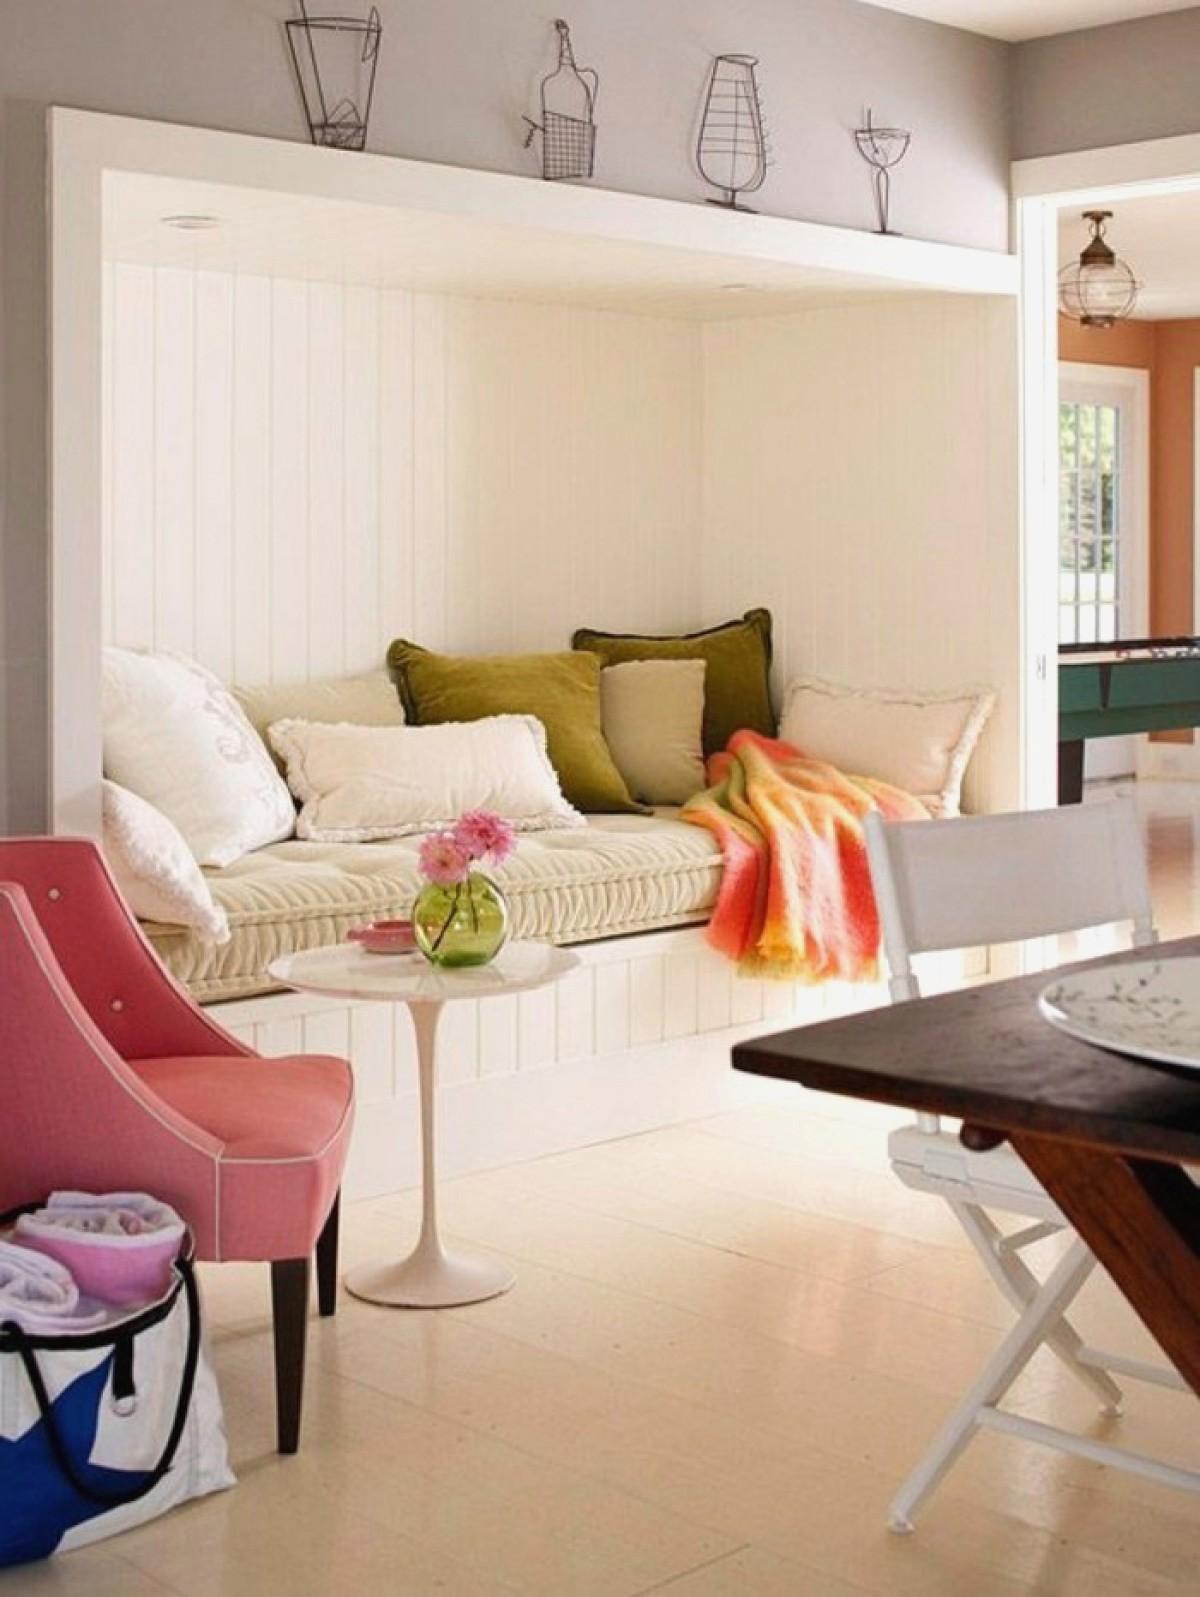 ideas de decoracion de salones en colores claros, decoracion salon pequeño con interesantes elementos arquitectónicos